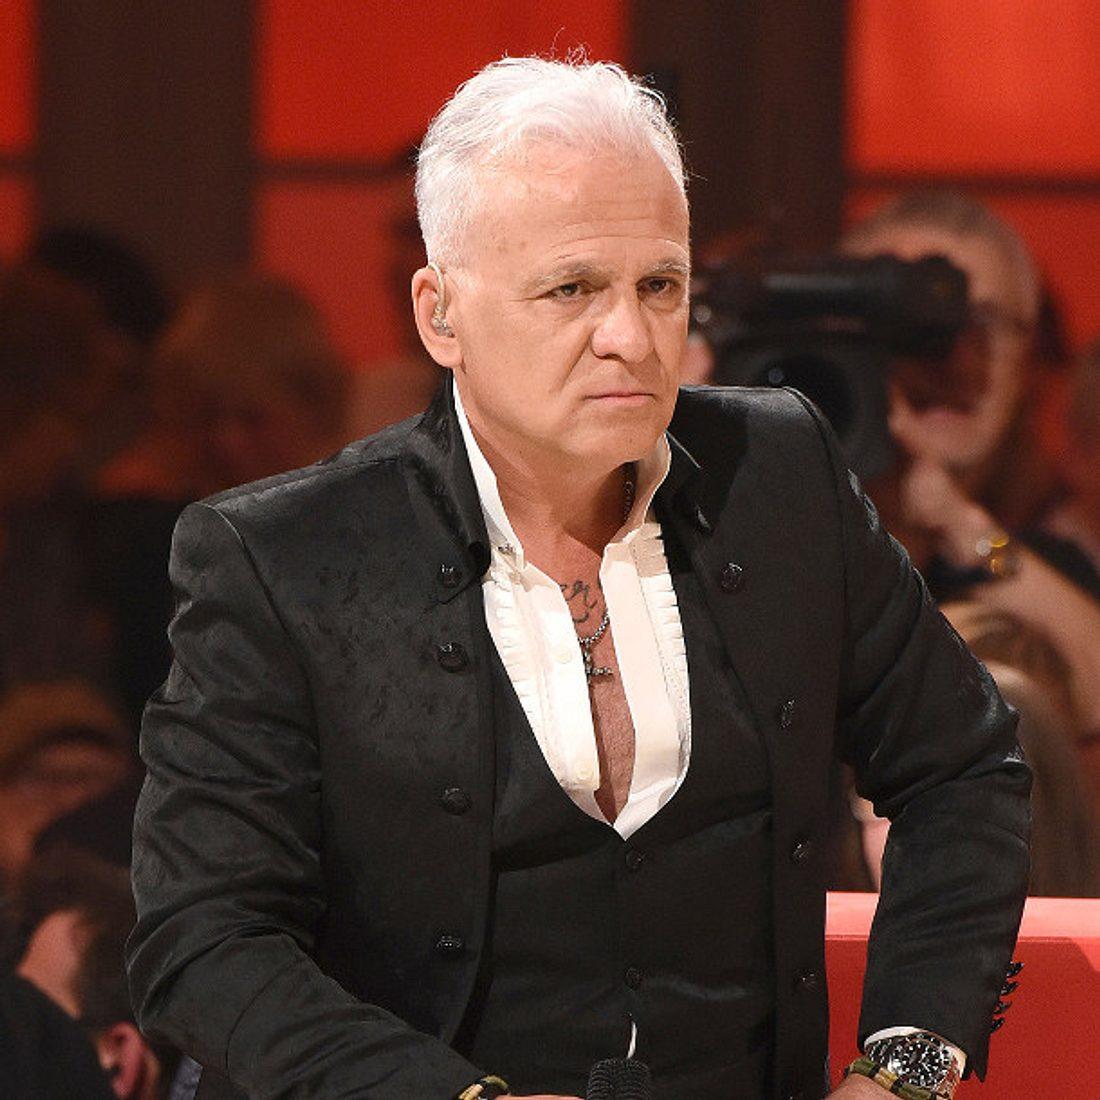 Nino de Angelo: Hat dieser Sänger ihm die Frau ausgespannt?